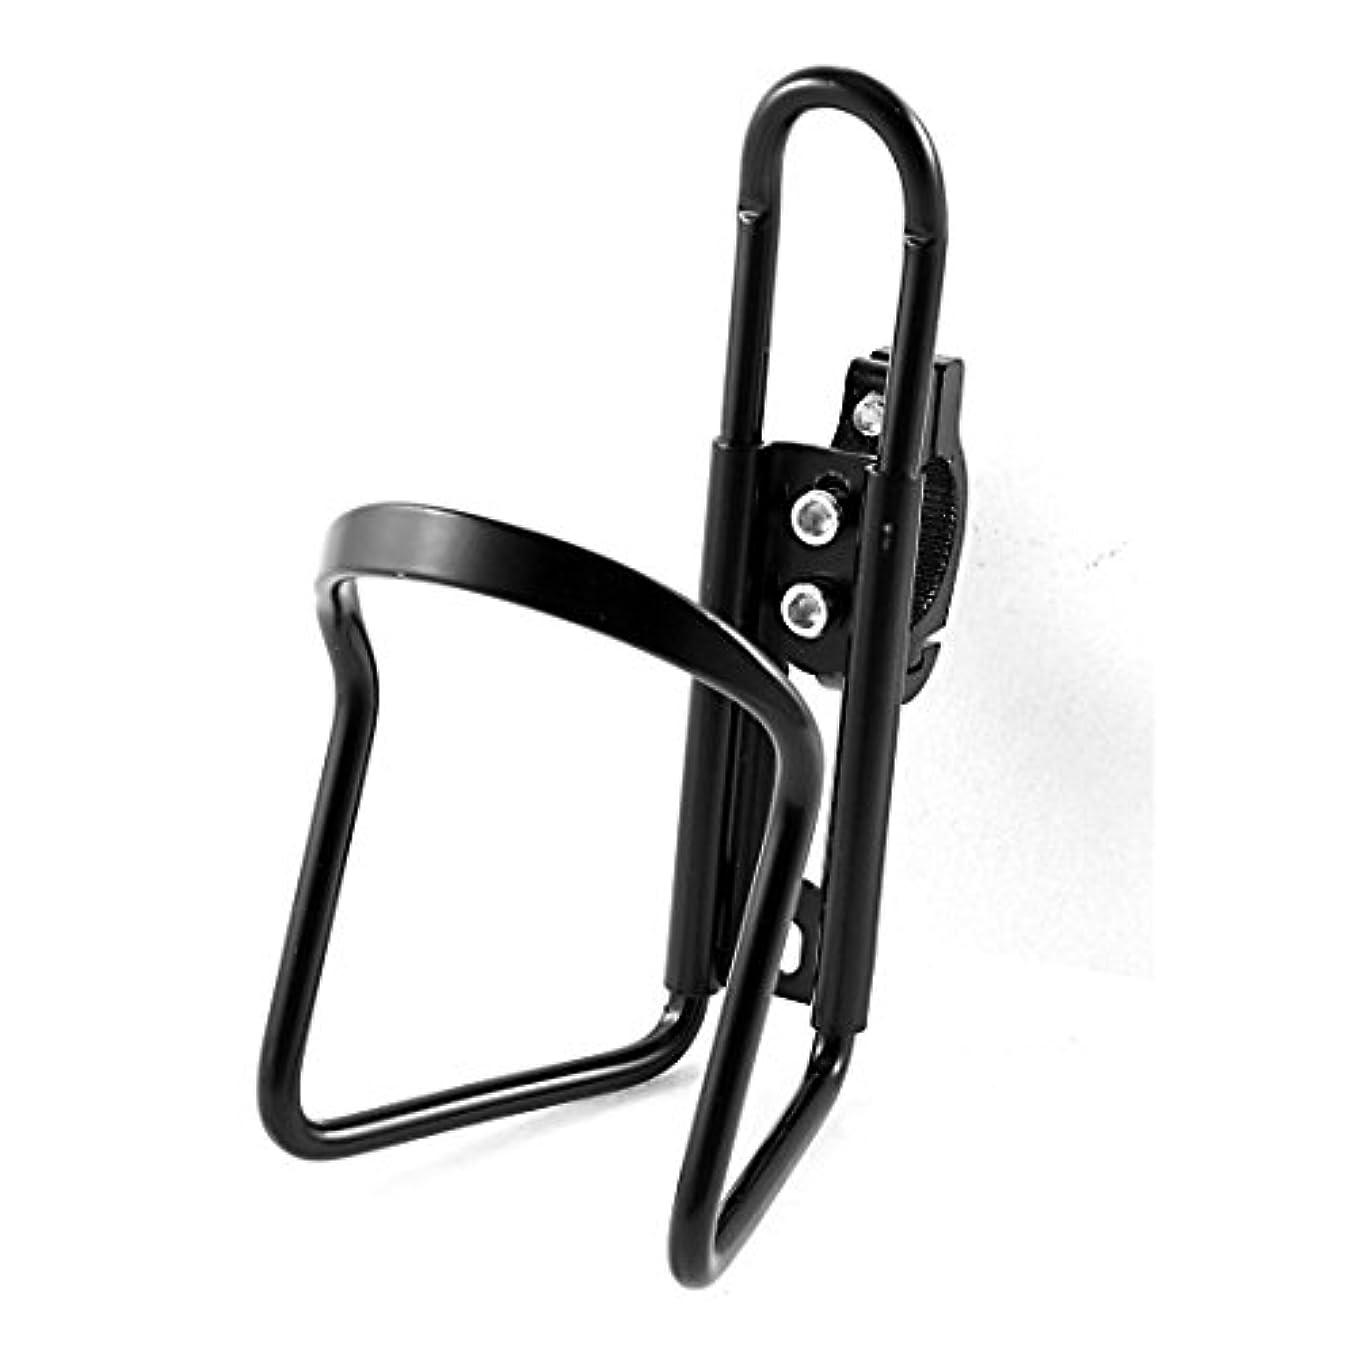 目立つ逆にルーキーブラックロードマウンテンバイク自転車合金ウォーターボトルケージホルダー